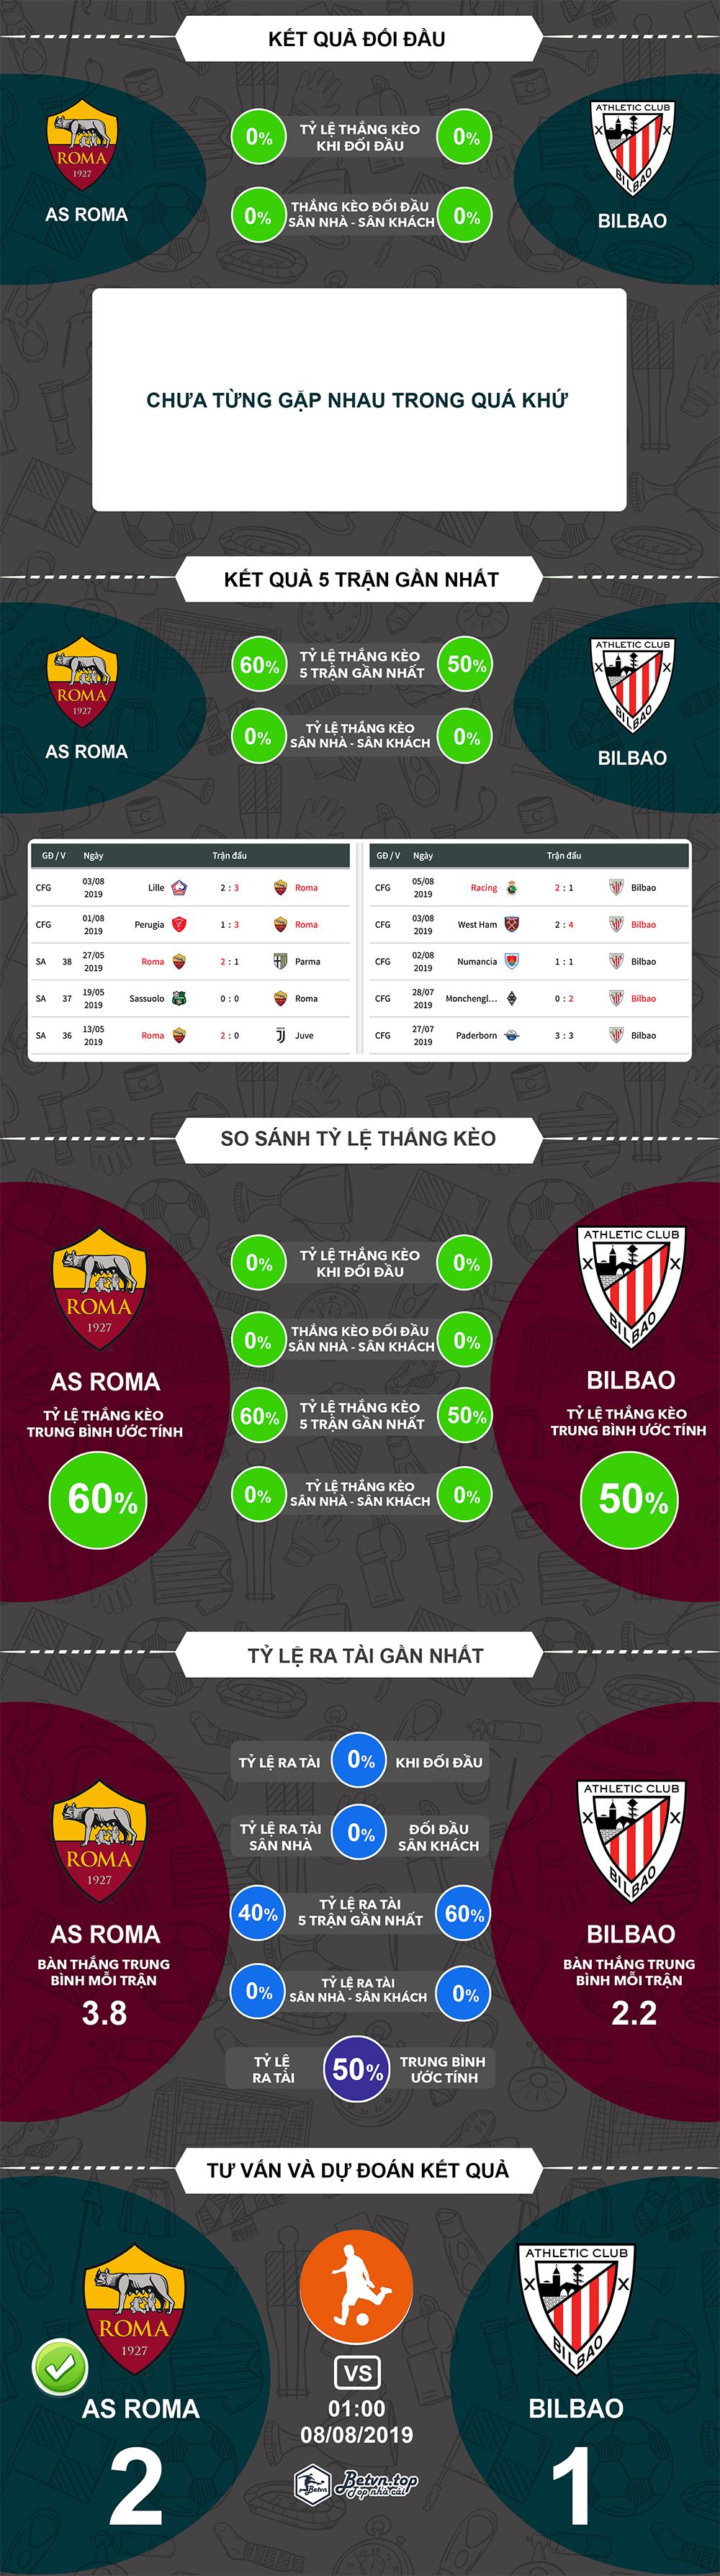 Thống kê AS Roma vs Bilbao, 01h00 ngày 8/8 (Giao hữu CLB)